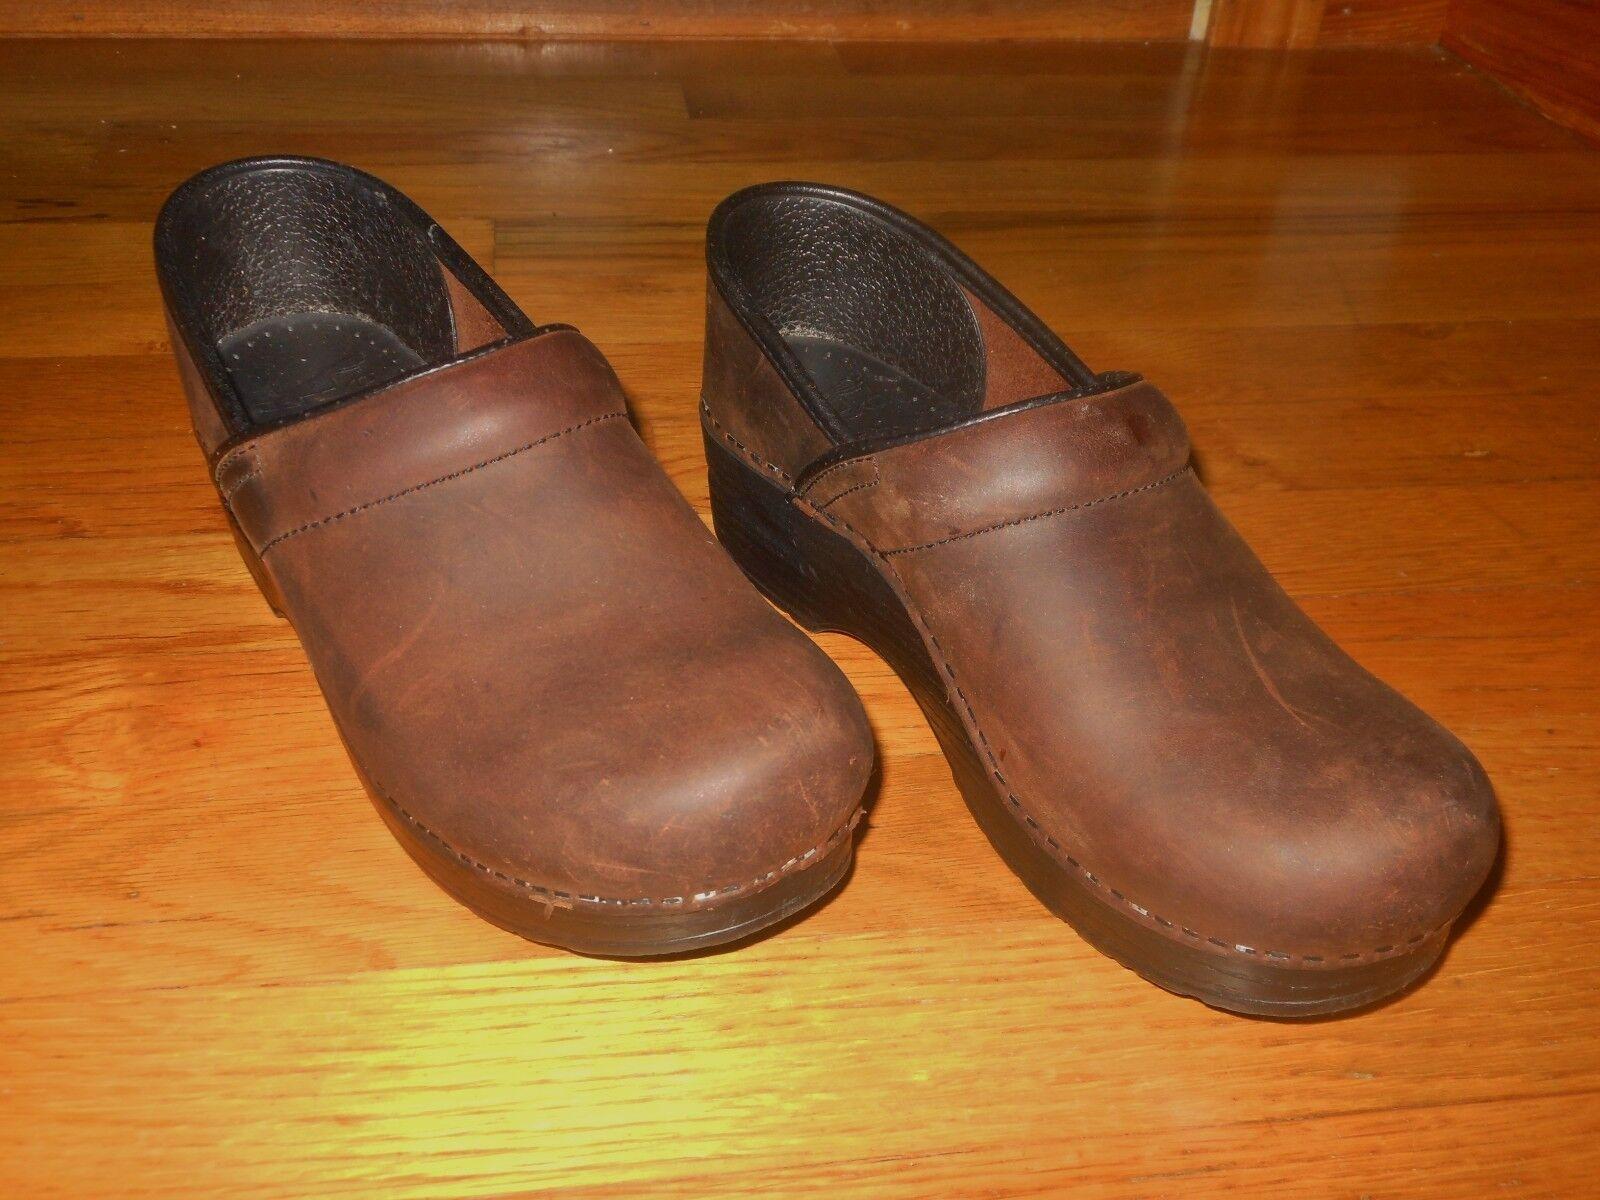 Dansko Professional women's clogs - Size 7.5-8 - Antique brown - Excellent cond